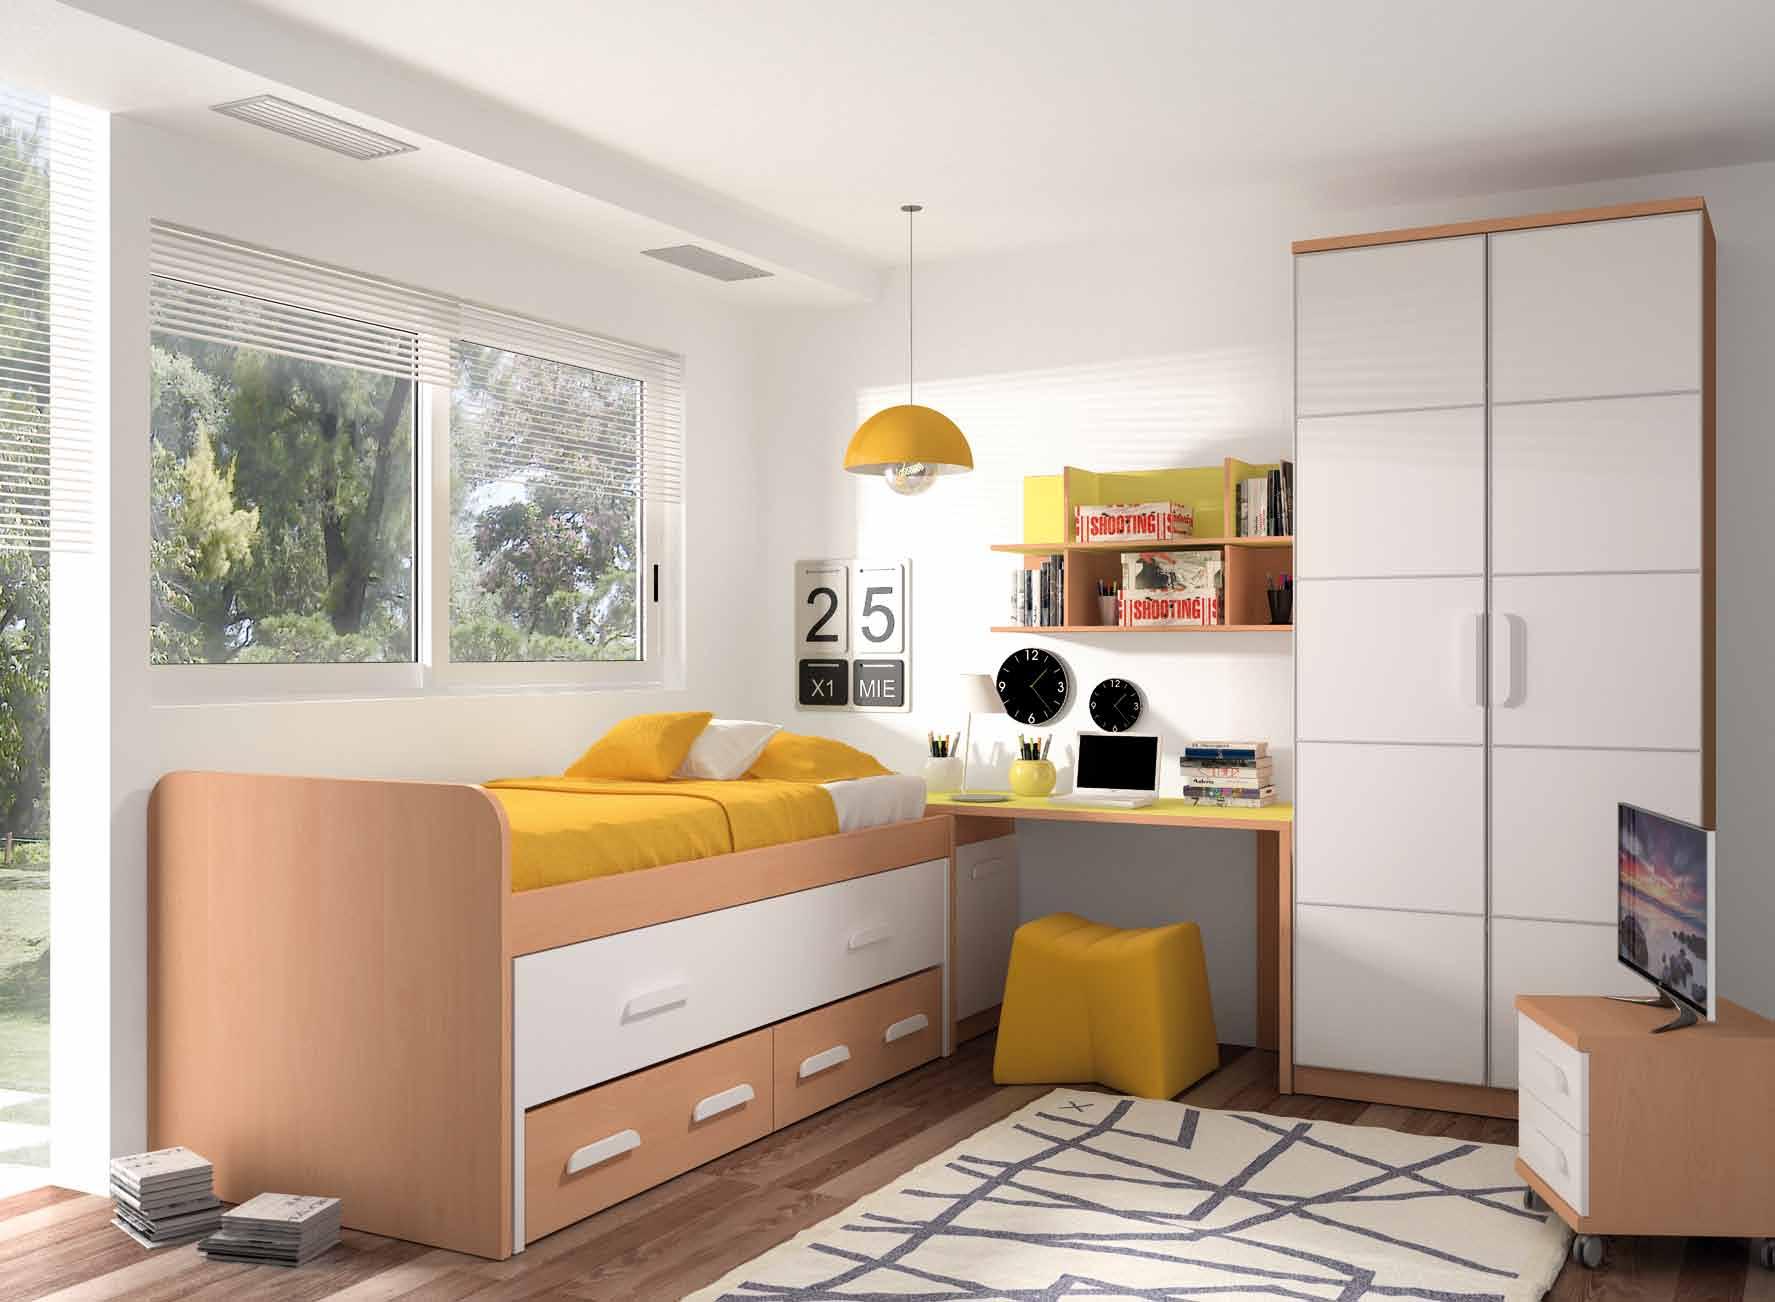 Dormitorio juvenil completo muebles adama tienda de for Muebles dormitorio madrid